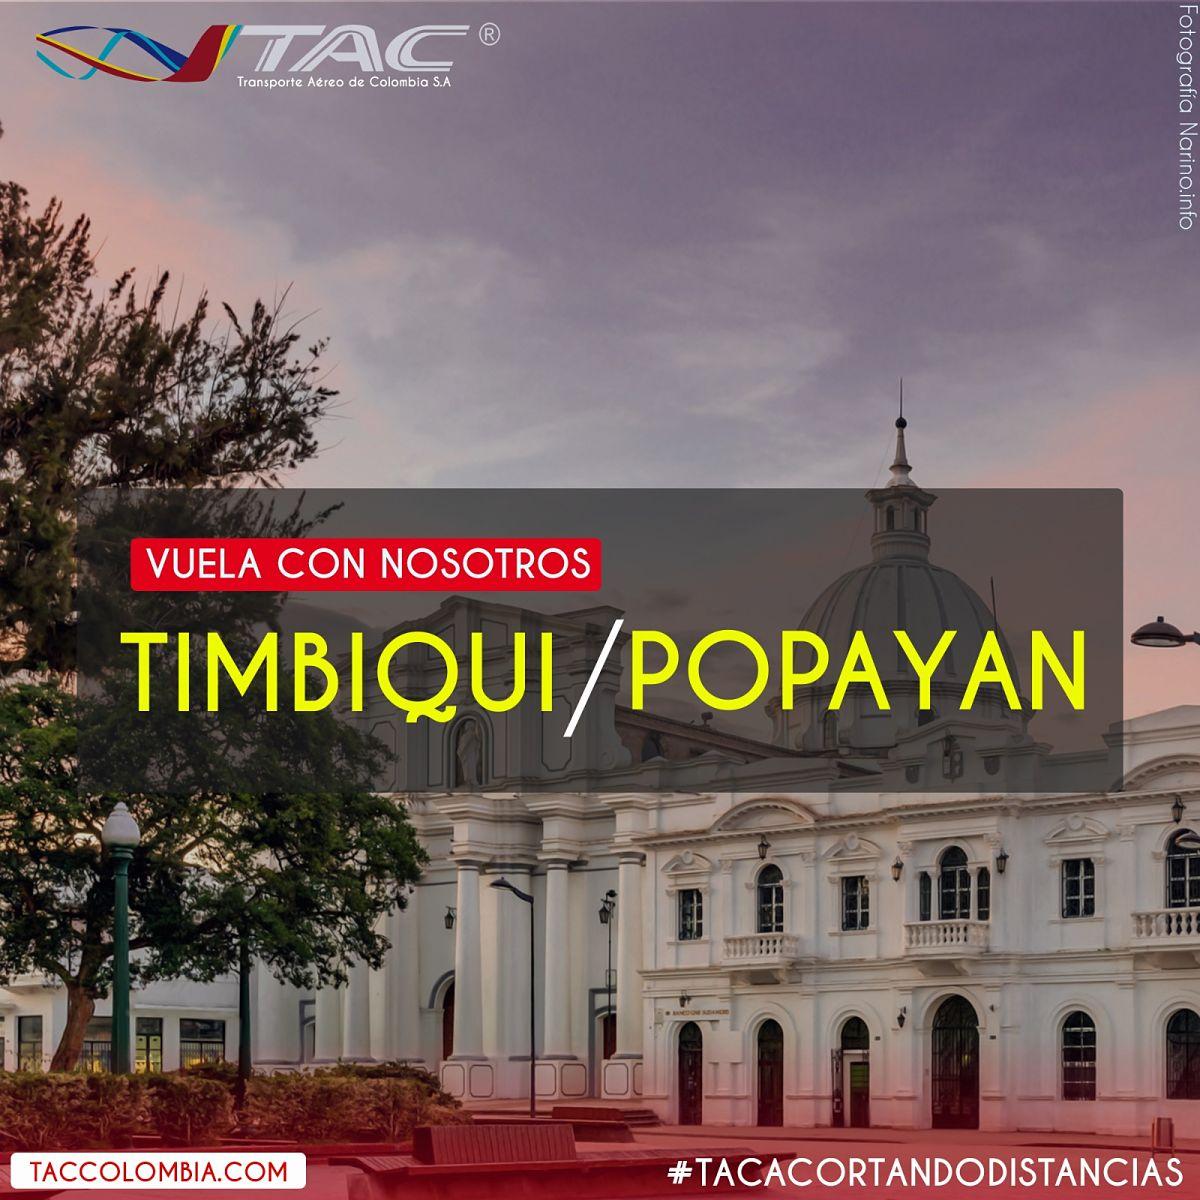 Timbiqui Popayan TAC